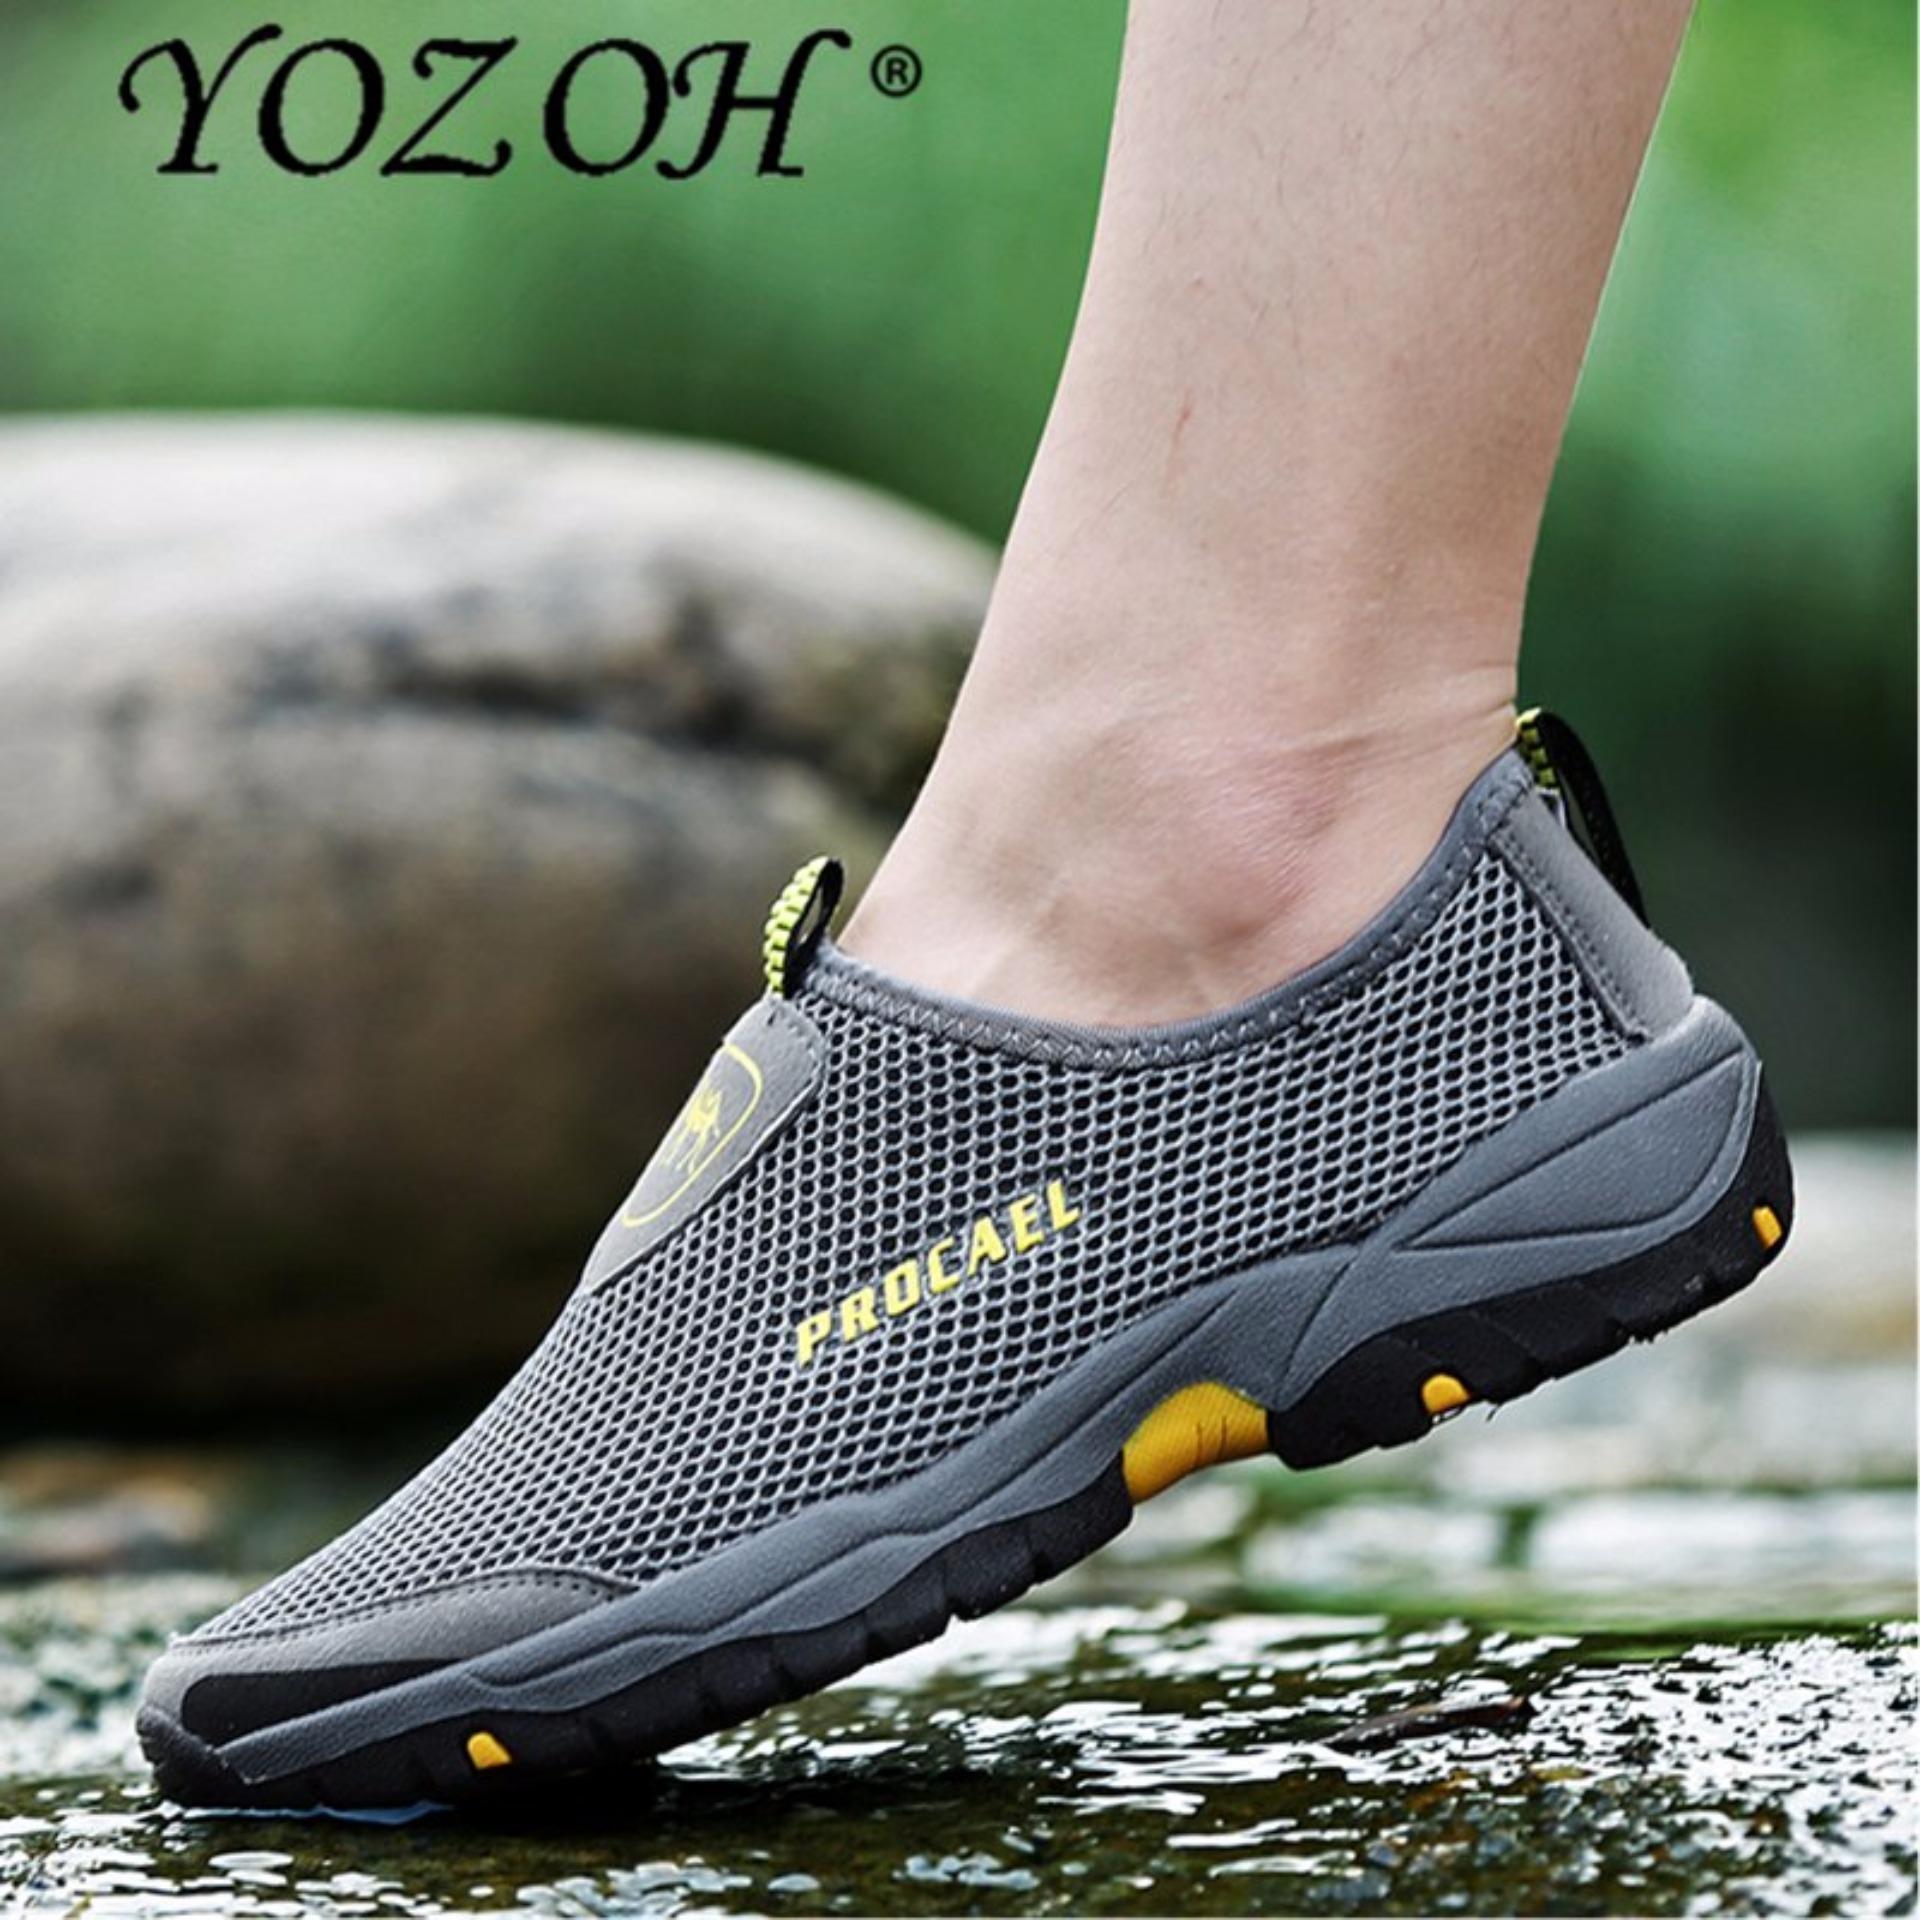 Harga Yozoh Mode Musim Panas Sepatu Pria Udara Mesh Sepatu Kasual Ringan Bernapas Slip On Flat Chaussure Online